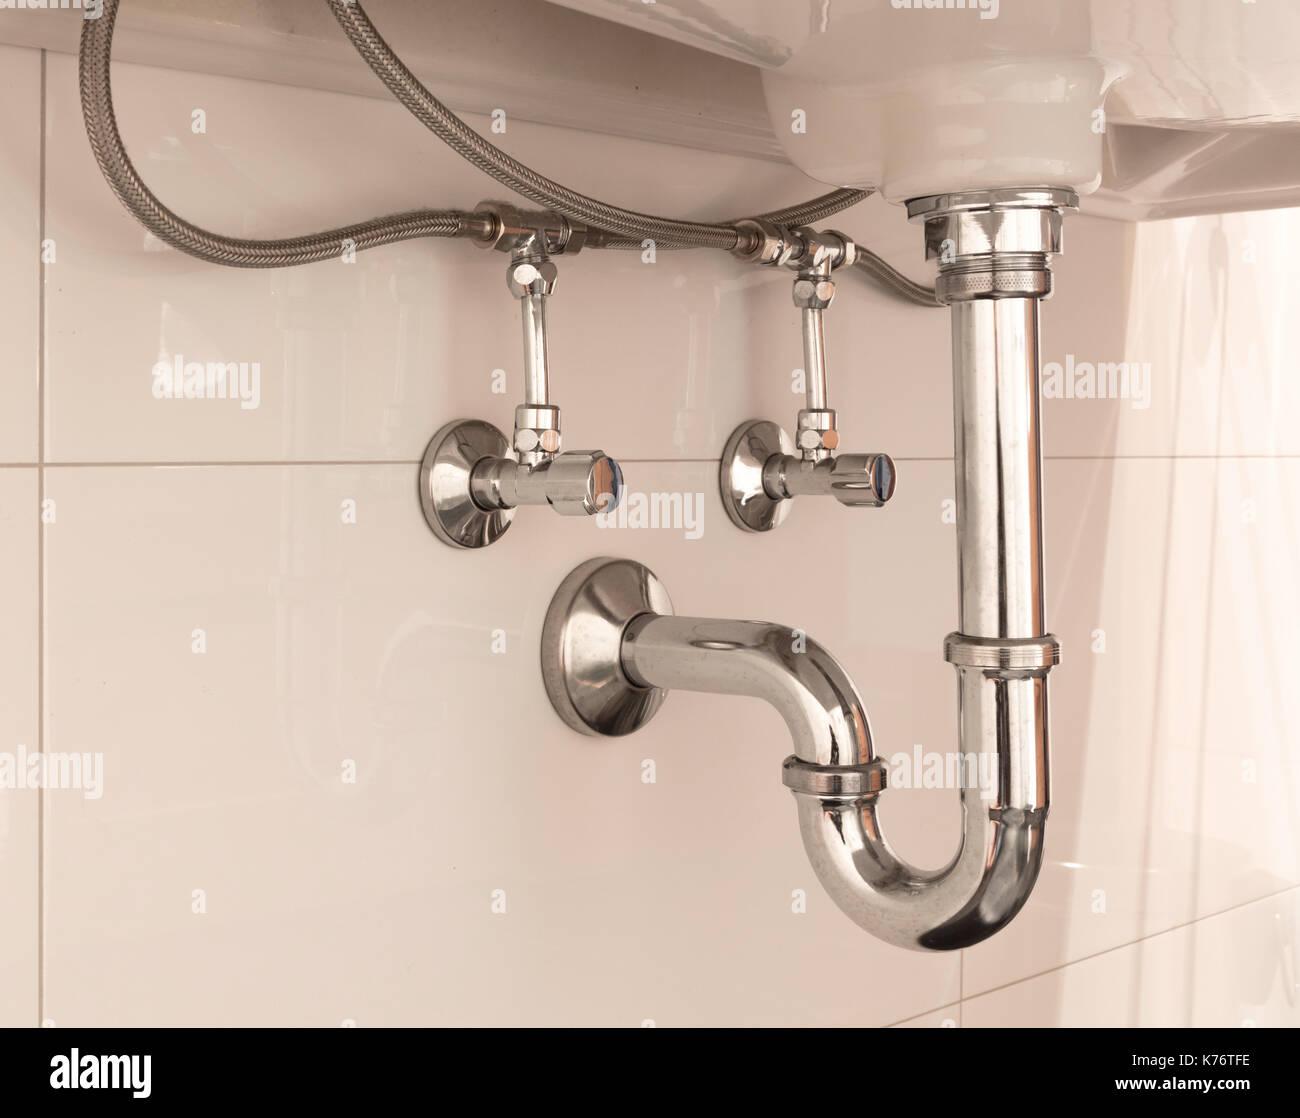 Waschtisch Siphon oder Abfluss im Waschbecken im Badezimmer, sauber ...